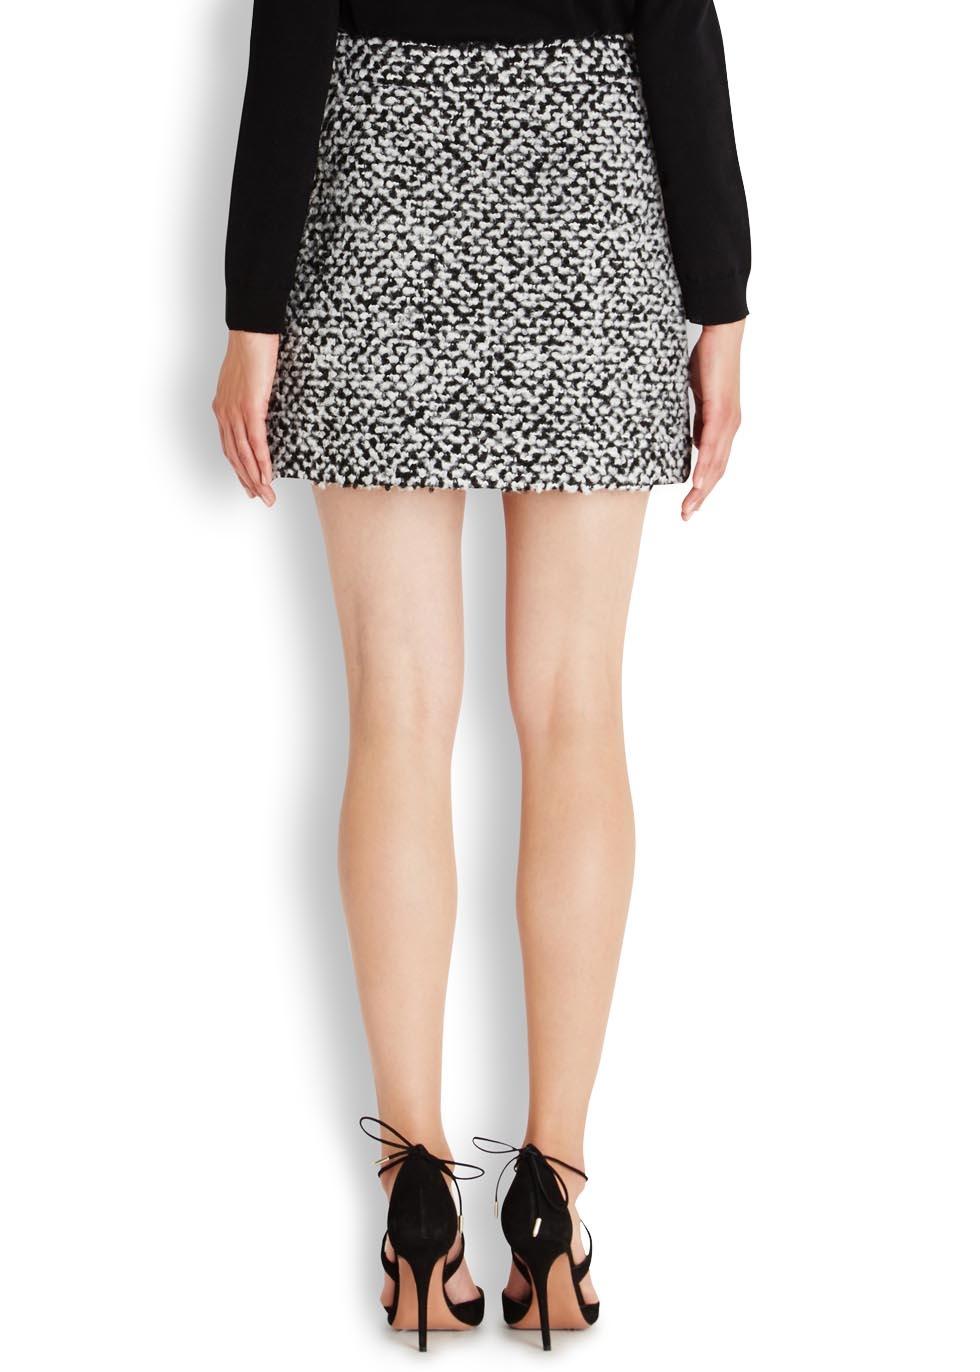 crystal bernard in short skirts